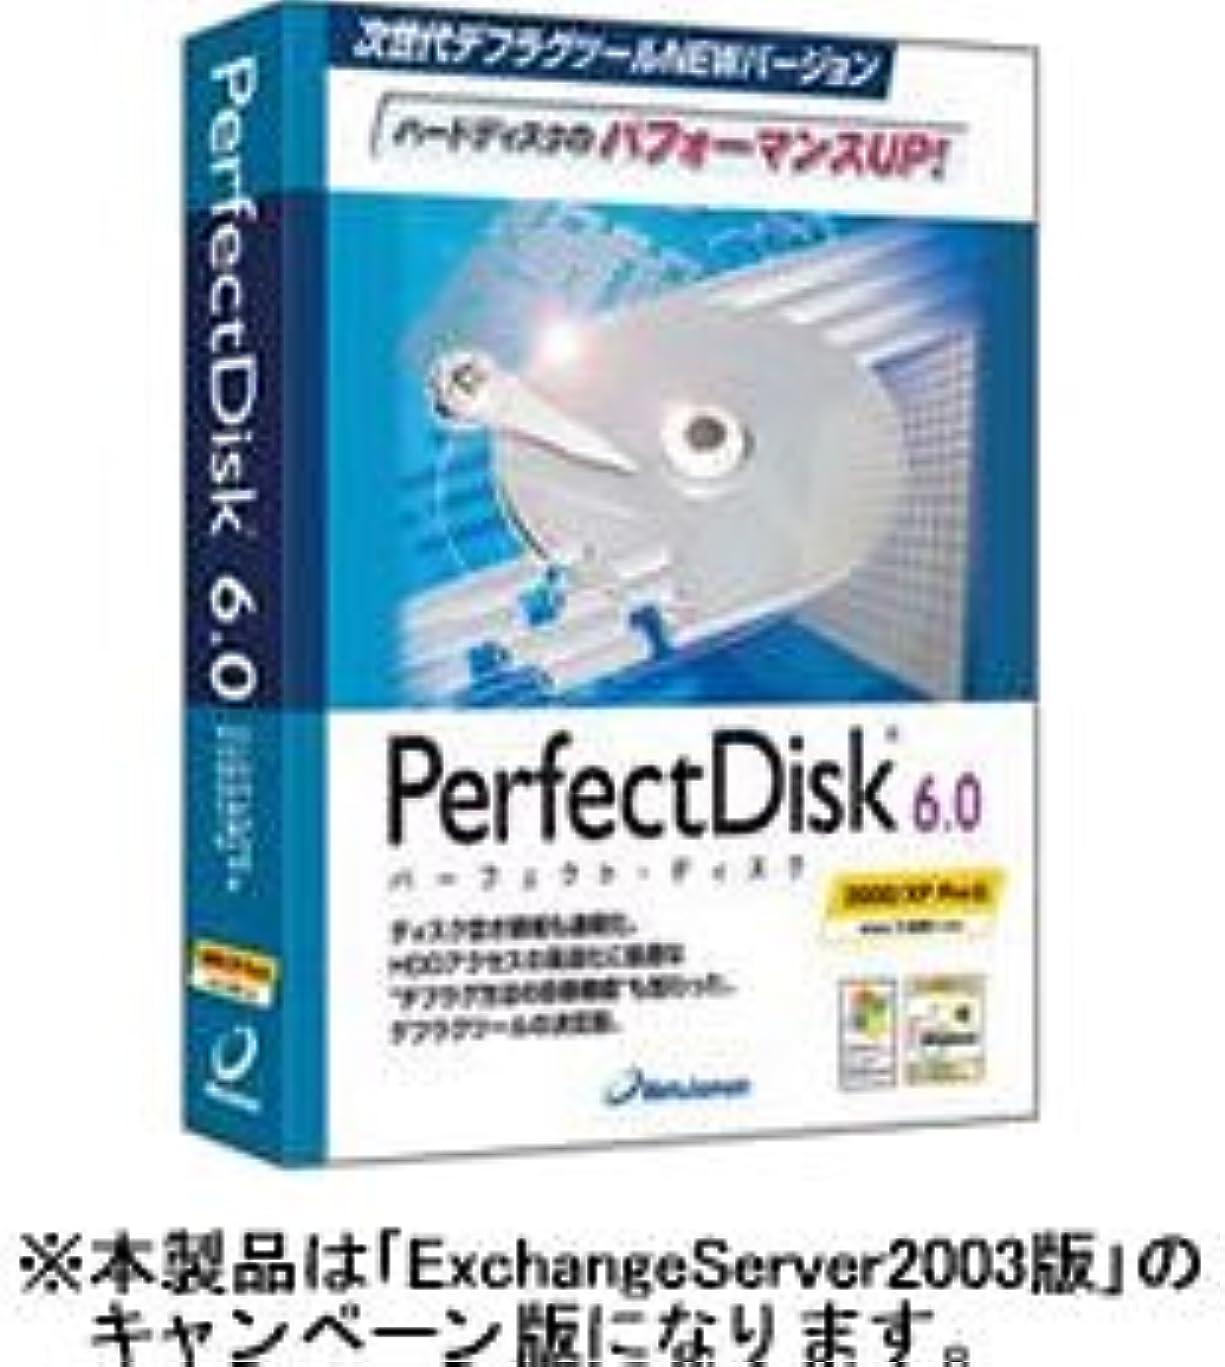 宝暗唱する霧PerfectDisk 6.0 Exchange Server 2003 キャンペーン版